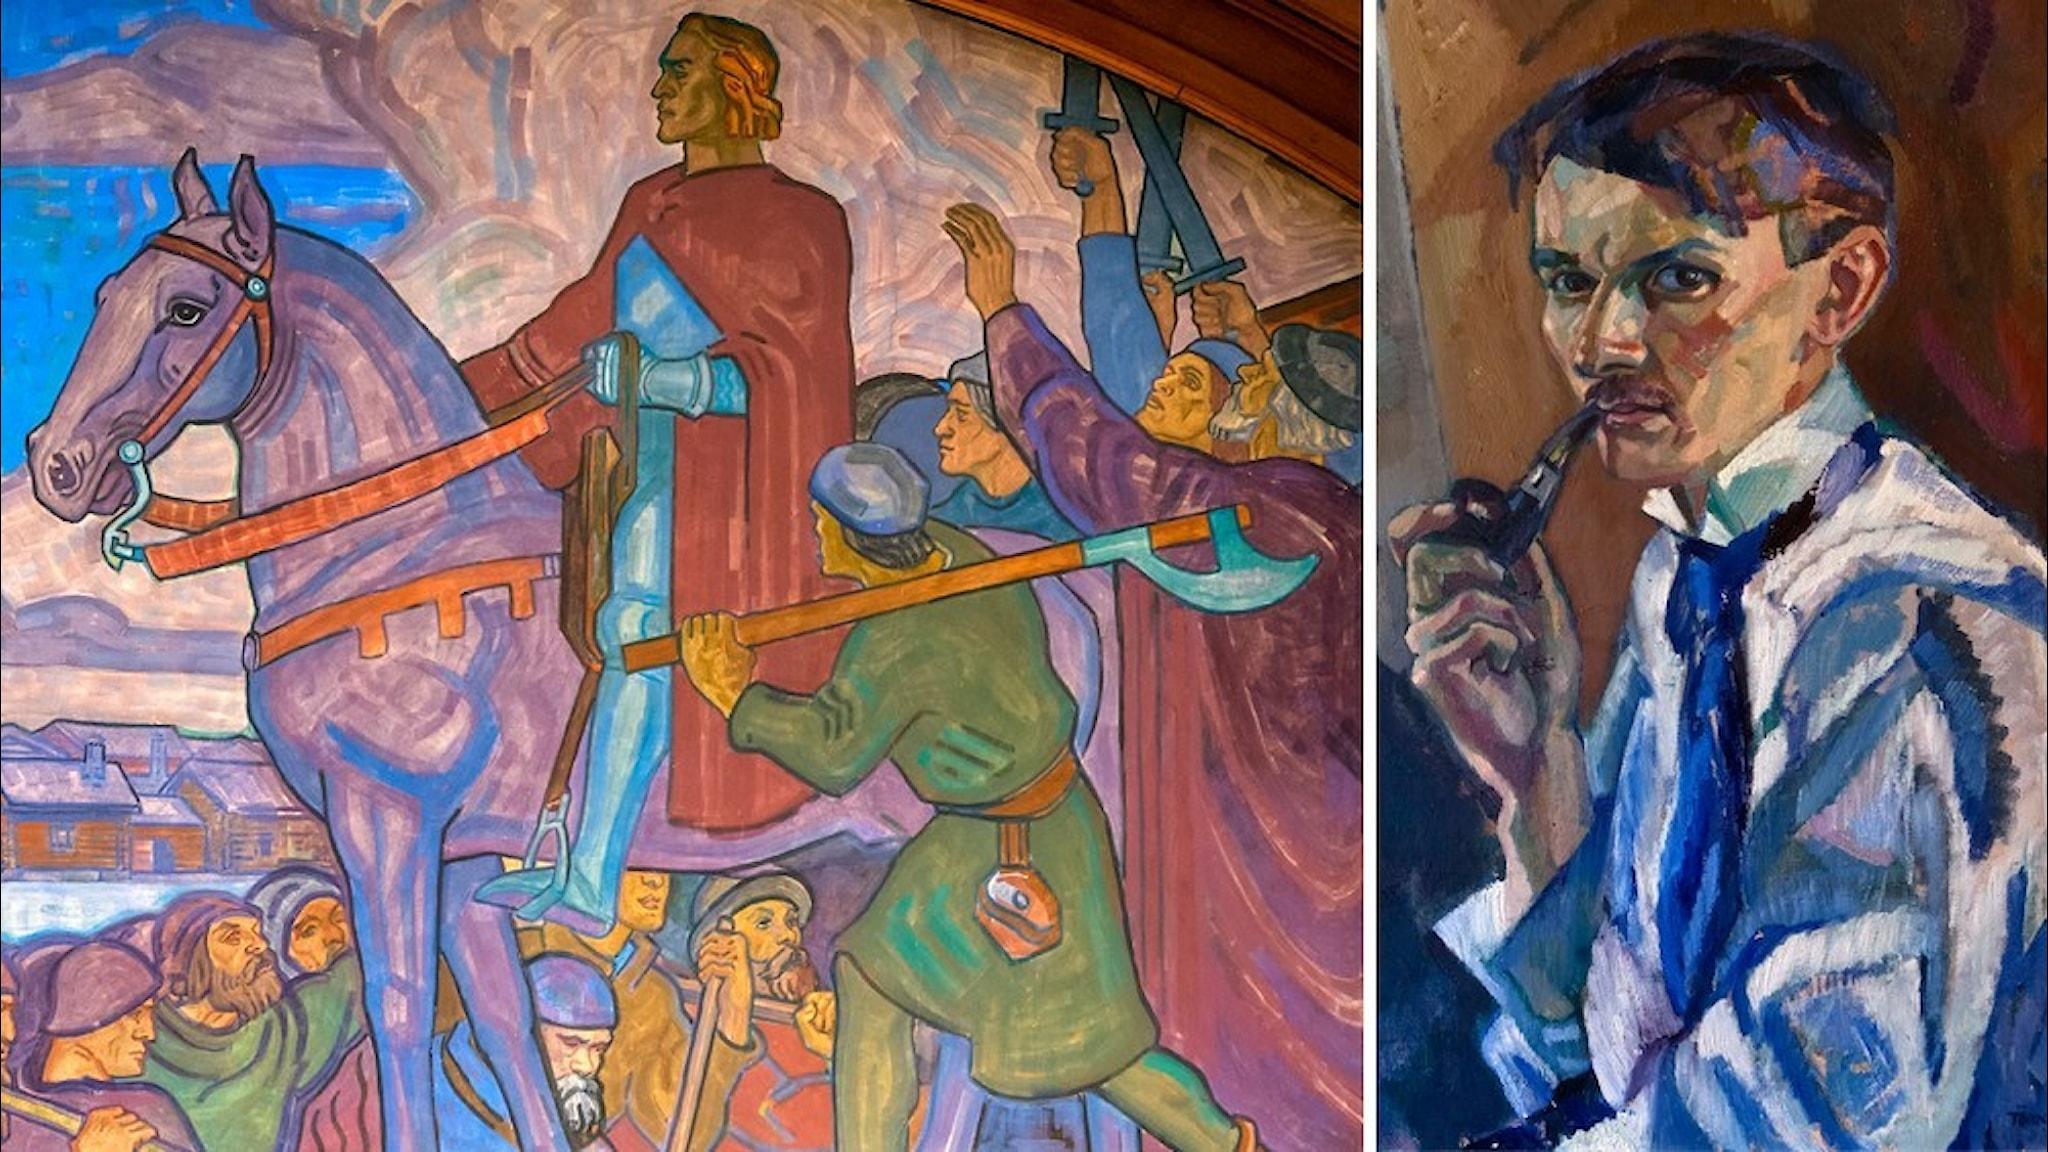 Detalj ur Axel Törnemans väggmålning av Engelbrekt och ett självporträtt av konstnären.